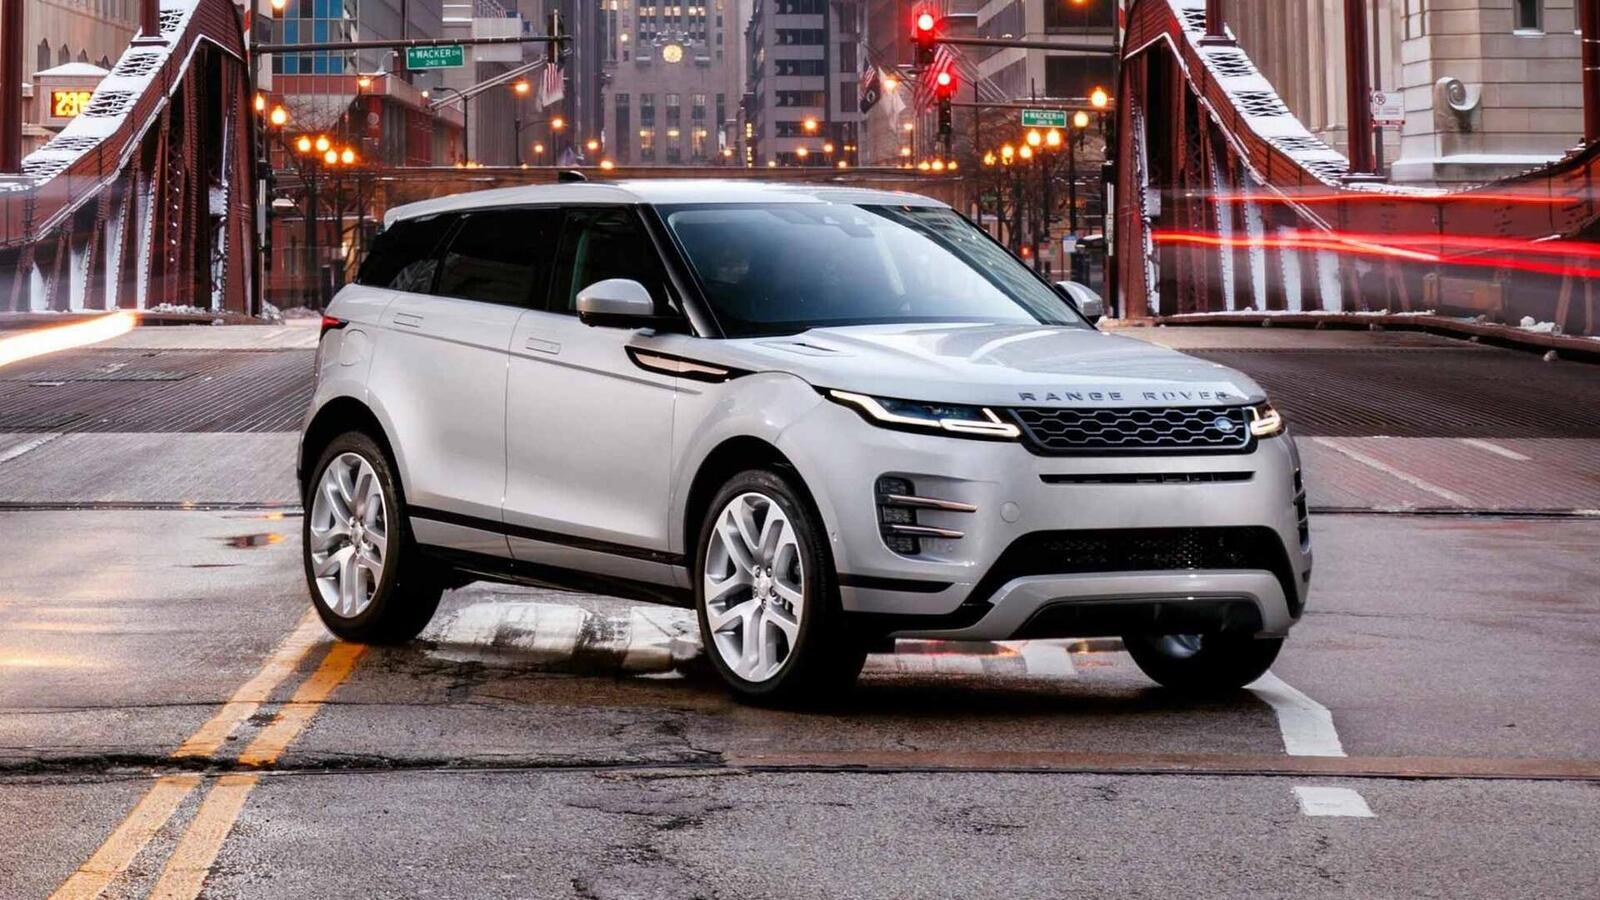 Range Rover Evoque mới tại Mỹ có giá từ 43.645 USD, đắt hơn Audi Q5 và Mercedes GLC - Hình 14